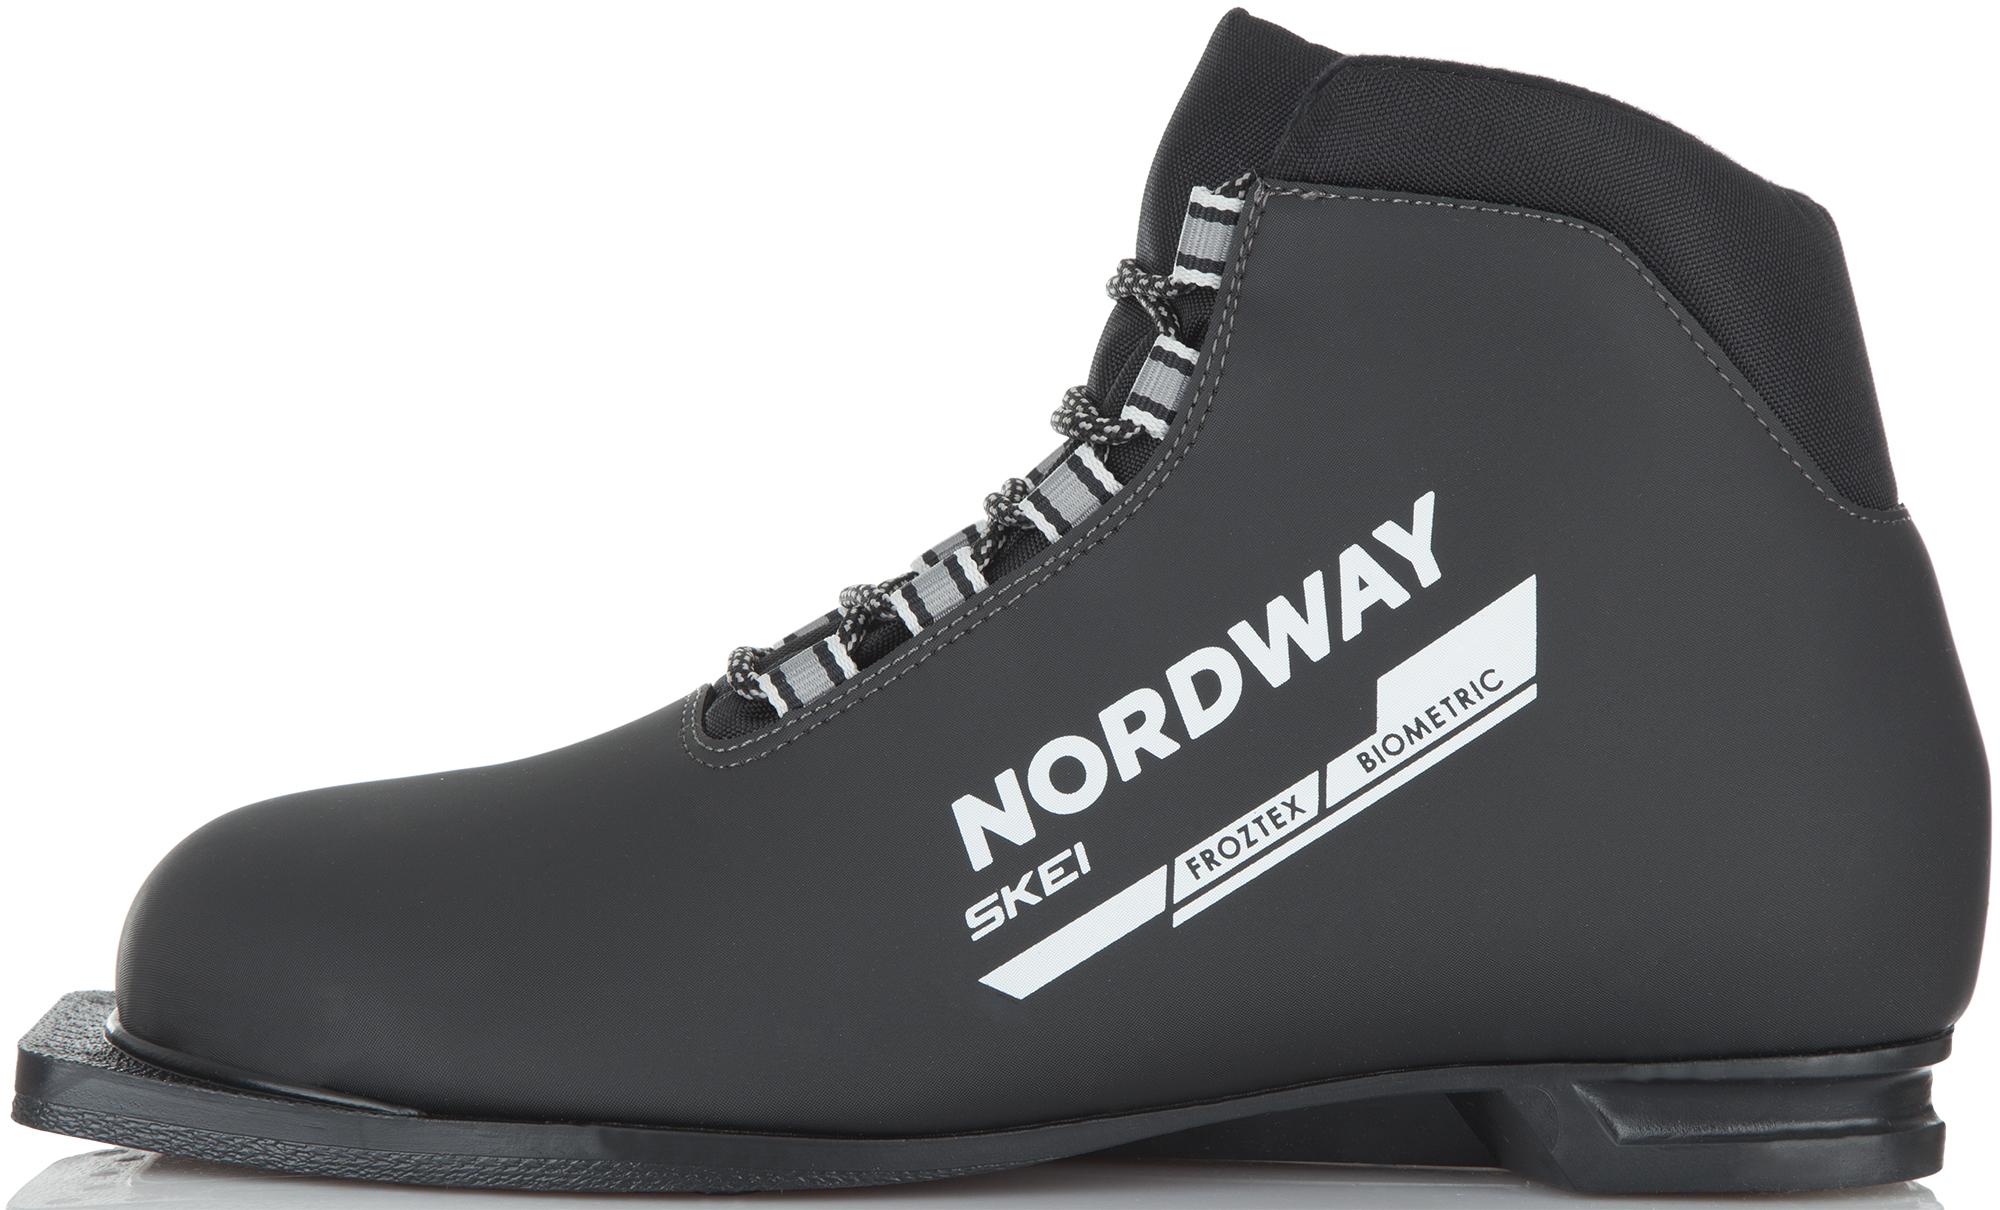 Nordway Ботинки для беговых лыж Nordway Skei палки для беговых лыж женские nordway vega